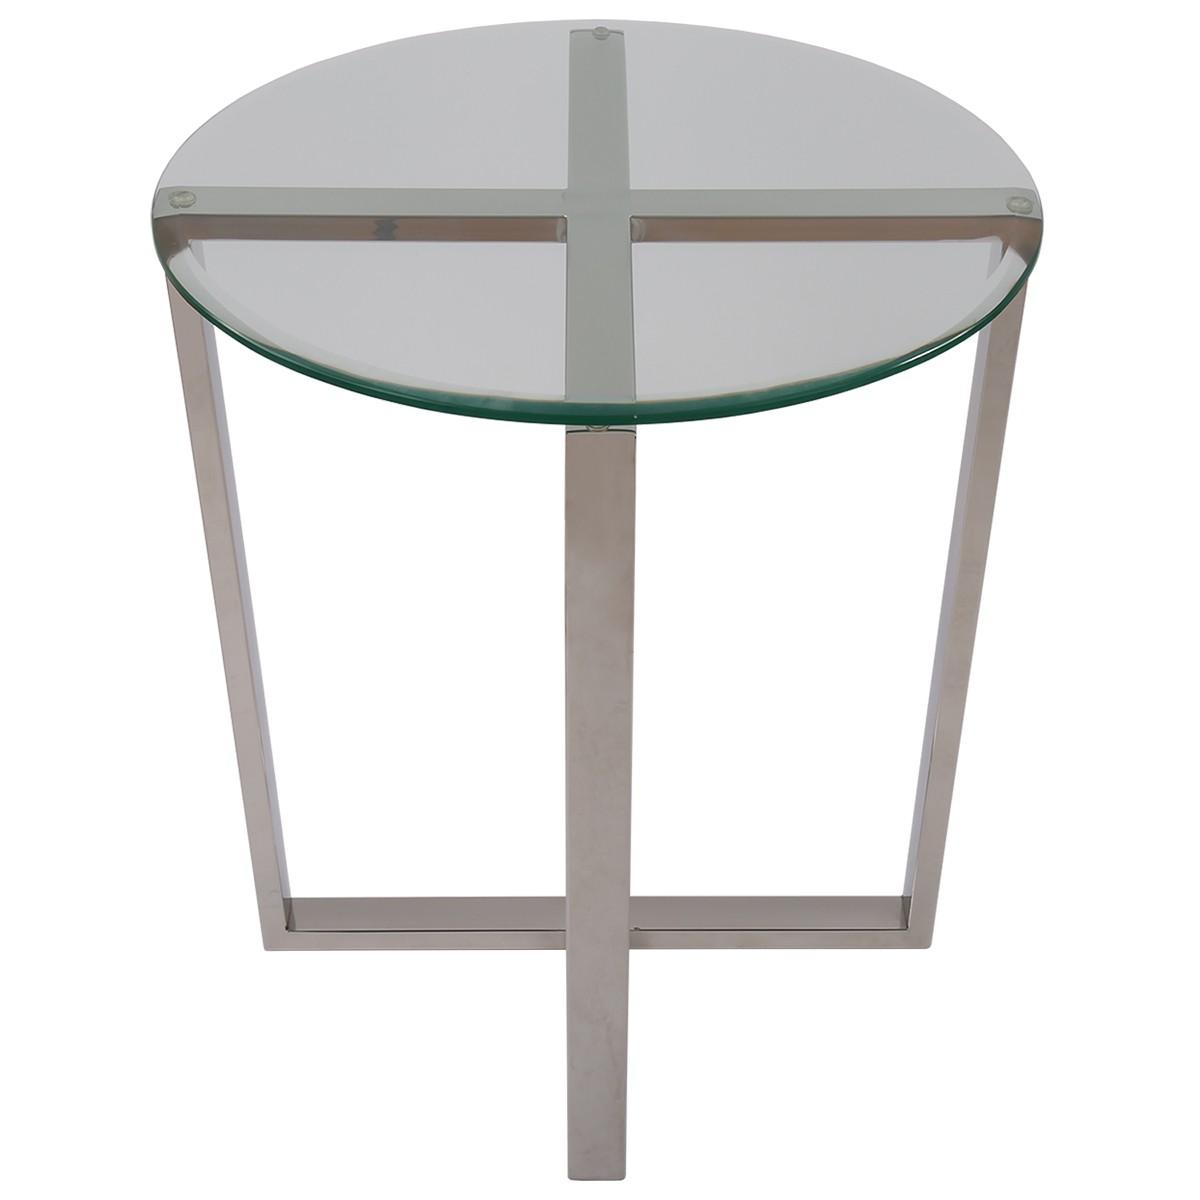 beistelltisch rund glas metall tisch glas verchromt metall h he 61 cm. Black Bedroom Furniture Sets. Home Design Ideas